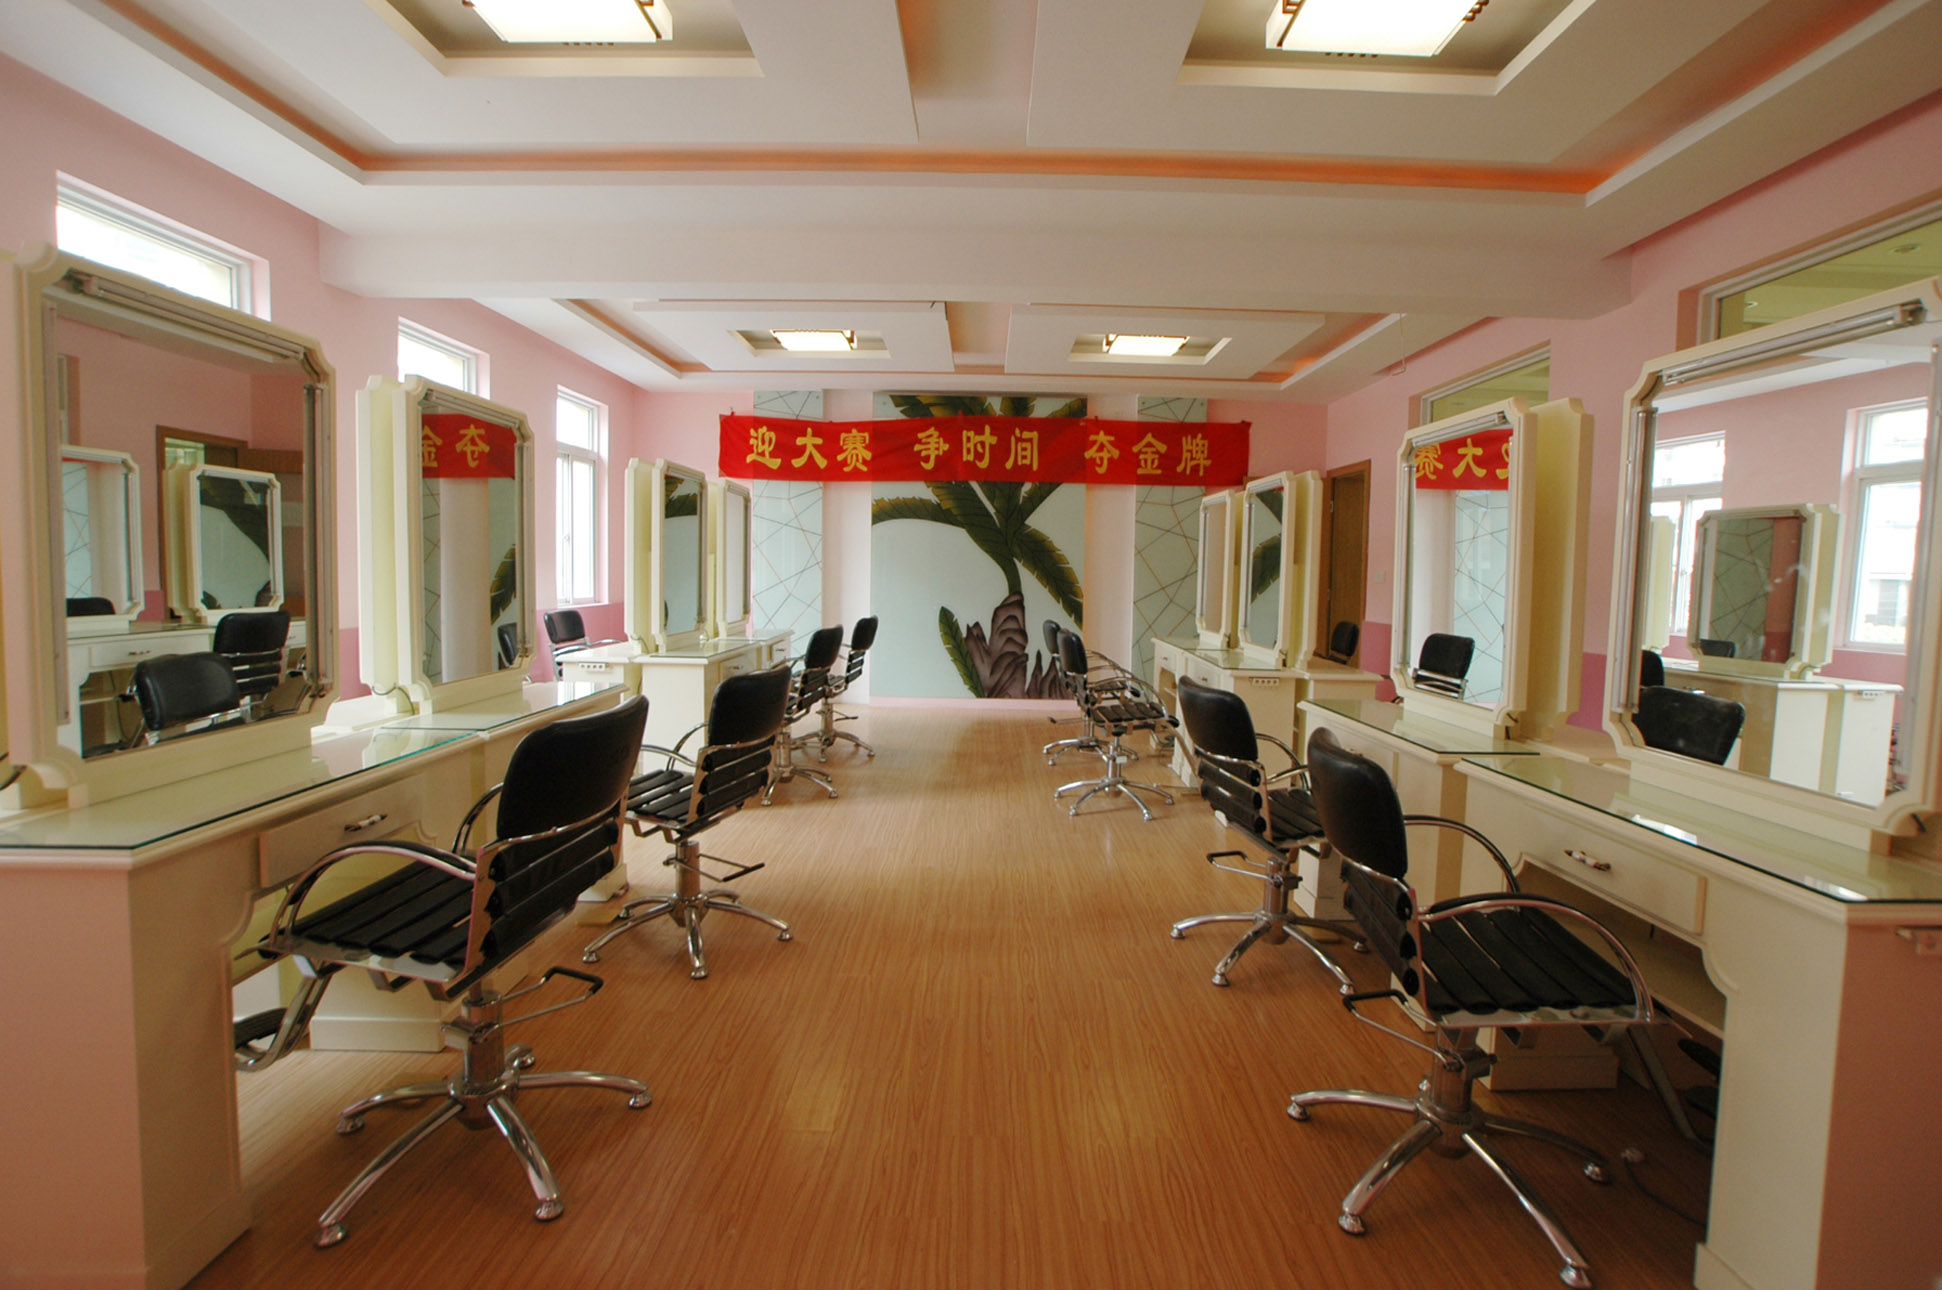 南京金陵中专美发与形象设计专业实训条件